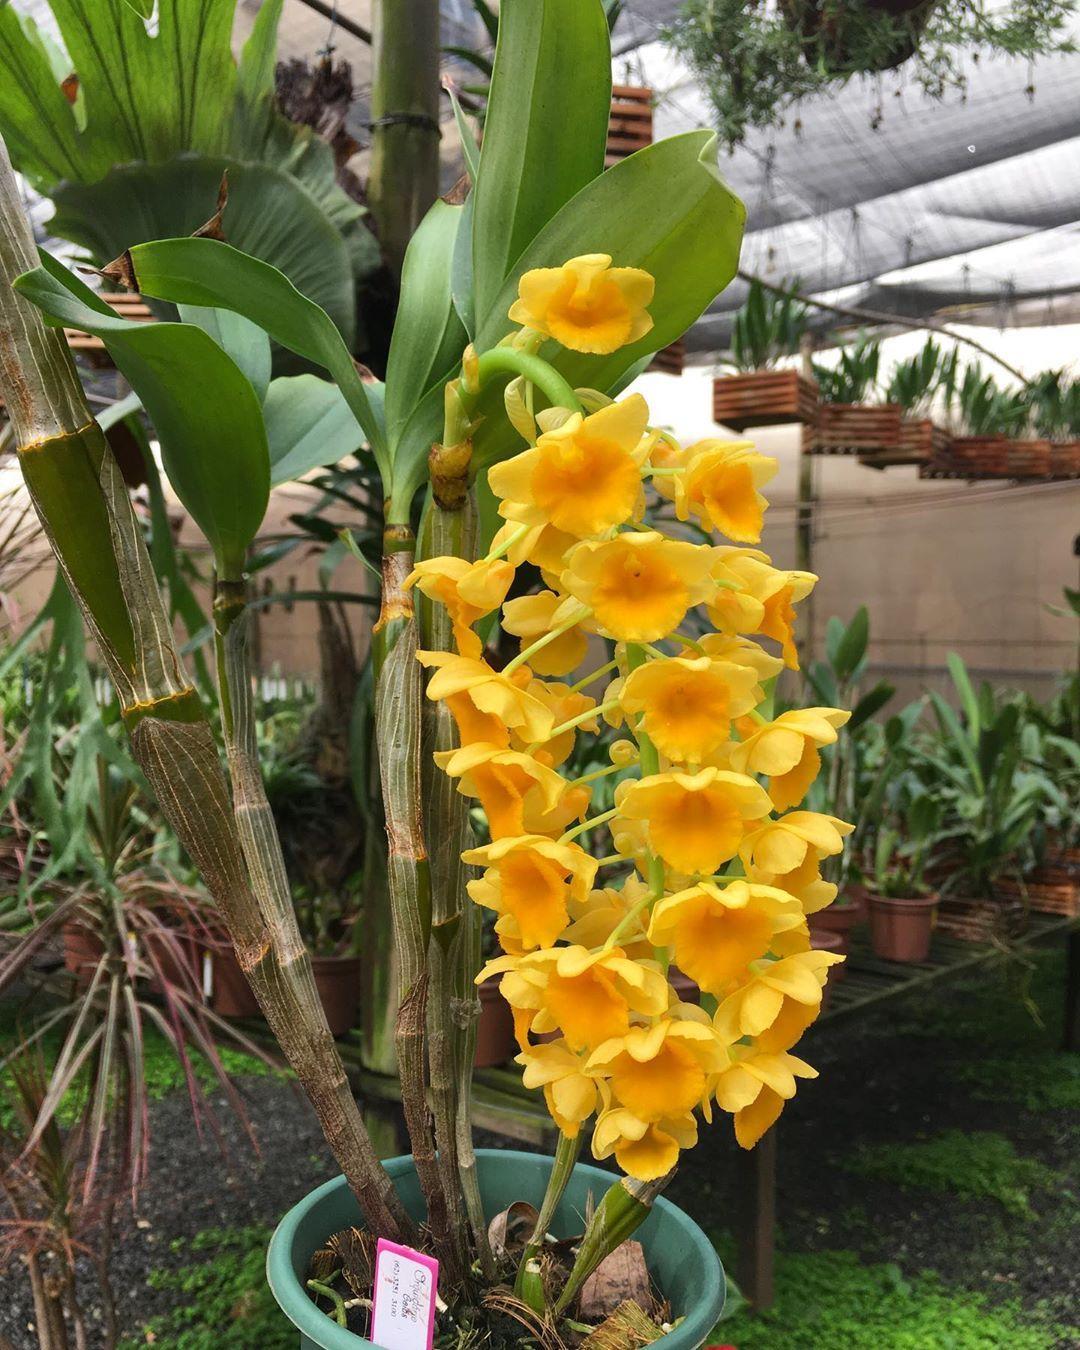 Dendrobium Densiflorum Floracao Exuberante De Um Amarelo Muito Vivo E Intenso Cultivar Orquideas Intenso